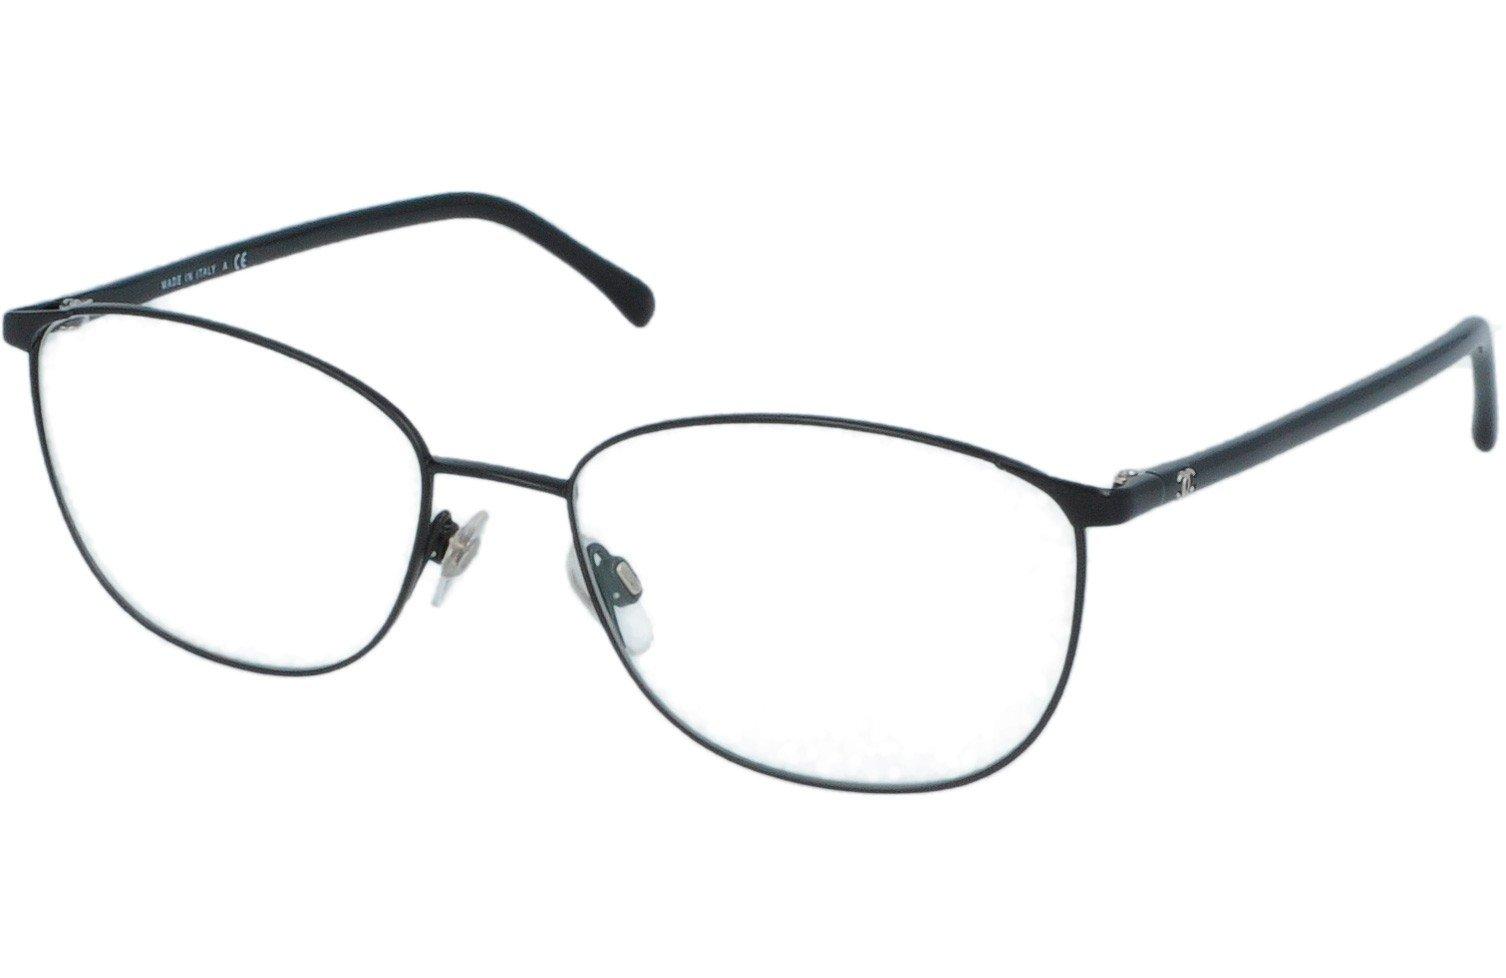 Montatura per occhiali da vista prezzi for Occhiali da vista prezzi economici